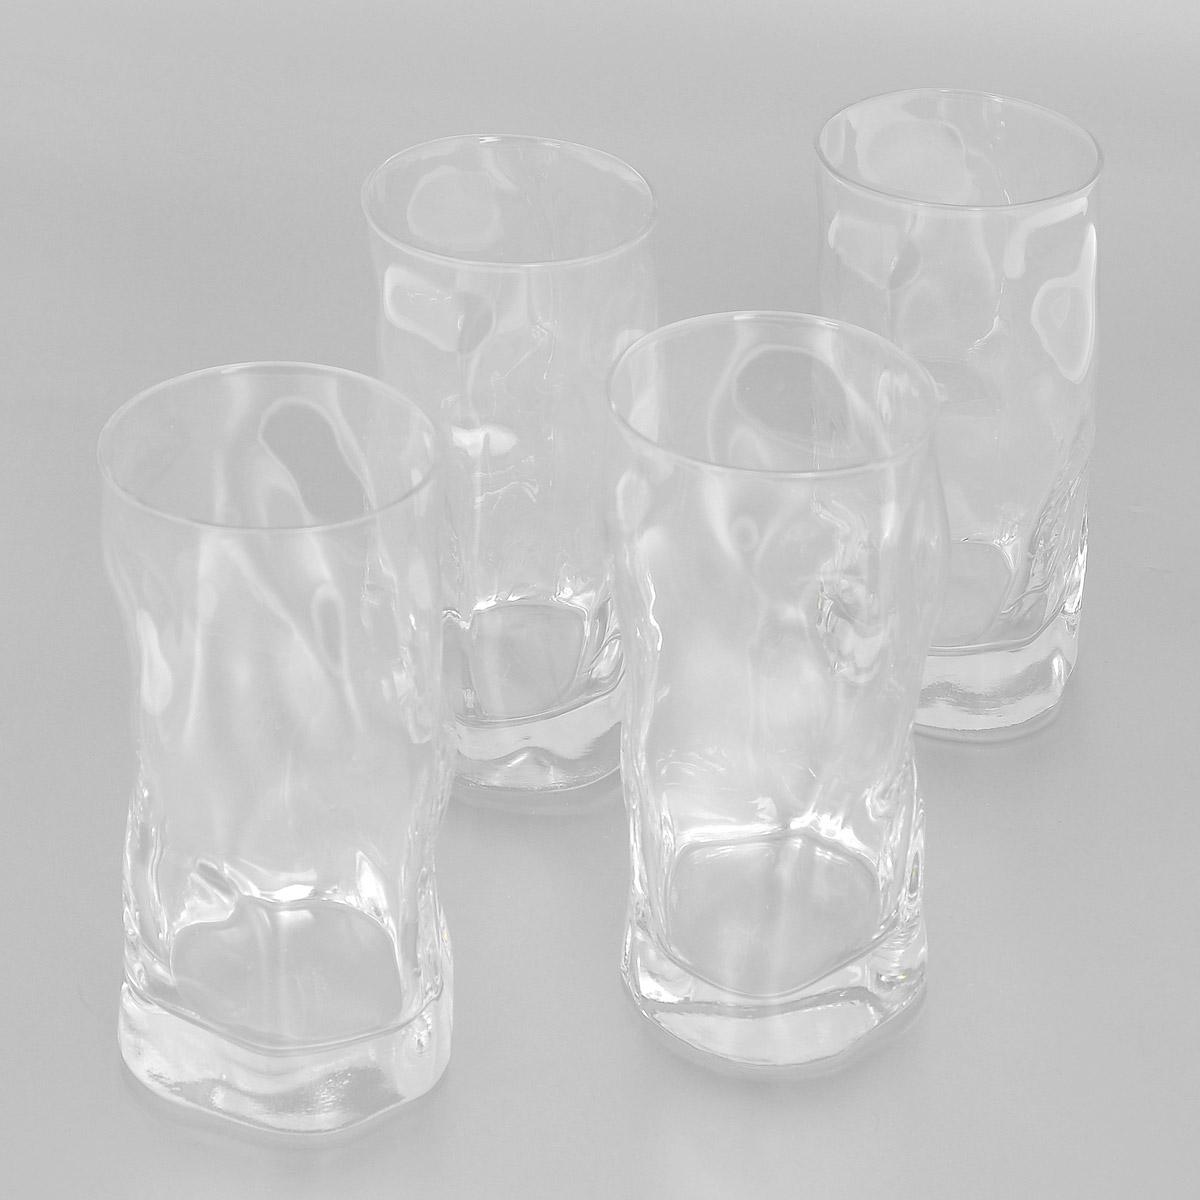 Набор стаканов Bormioli Rocco Sorgente, 460 мл, 4 шт340360G10021990Набор Bormioli Rocco Sorgente, выполненный из стекла, состоит из 4 высоких стаканов. Стаканы предназначены для подачи холодных напитков. Изделия имеют оригинальный дизайн, который поможет украсить любой праздничный стол. Благодаря такому набору пить напитки будет еще вкуснее.Стаканы Bormioli Rocco Sorgente станут отличным подарком к любому празднику. С 1825 года компания Bormioli Rocco производит высококачественную посуду из стекла. На сегодняшний день это мировой лидер на рынке производства стеклянных изделий. Ассортимент, предлагаемый Bormioli Rocco необычайно широк - это бокалы, фужеры, рюмки, графины, кувшины, банки для сыпучих продуктов и консервирования, тарелки, салатники, чашки, контейнеры различных емкостей, предназначенные для хранения продуктов в холодильниках и морозильных камерах и т.д. Стекло сочетает в себе передовые технологии и традиционно высокое качество.